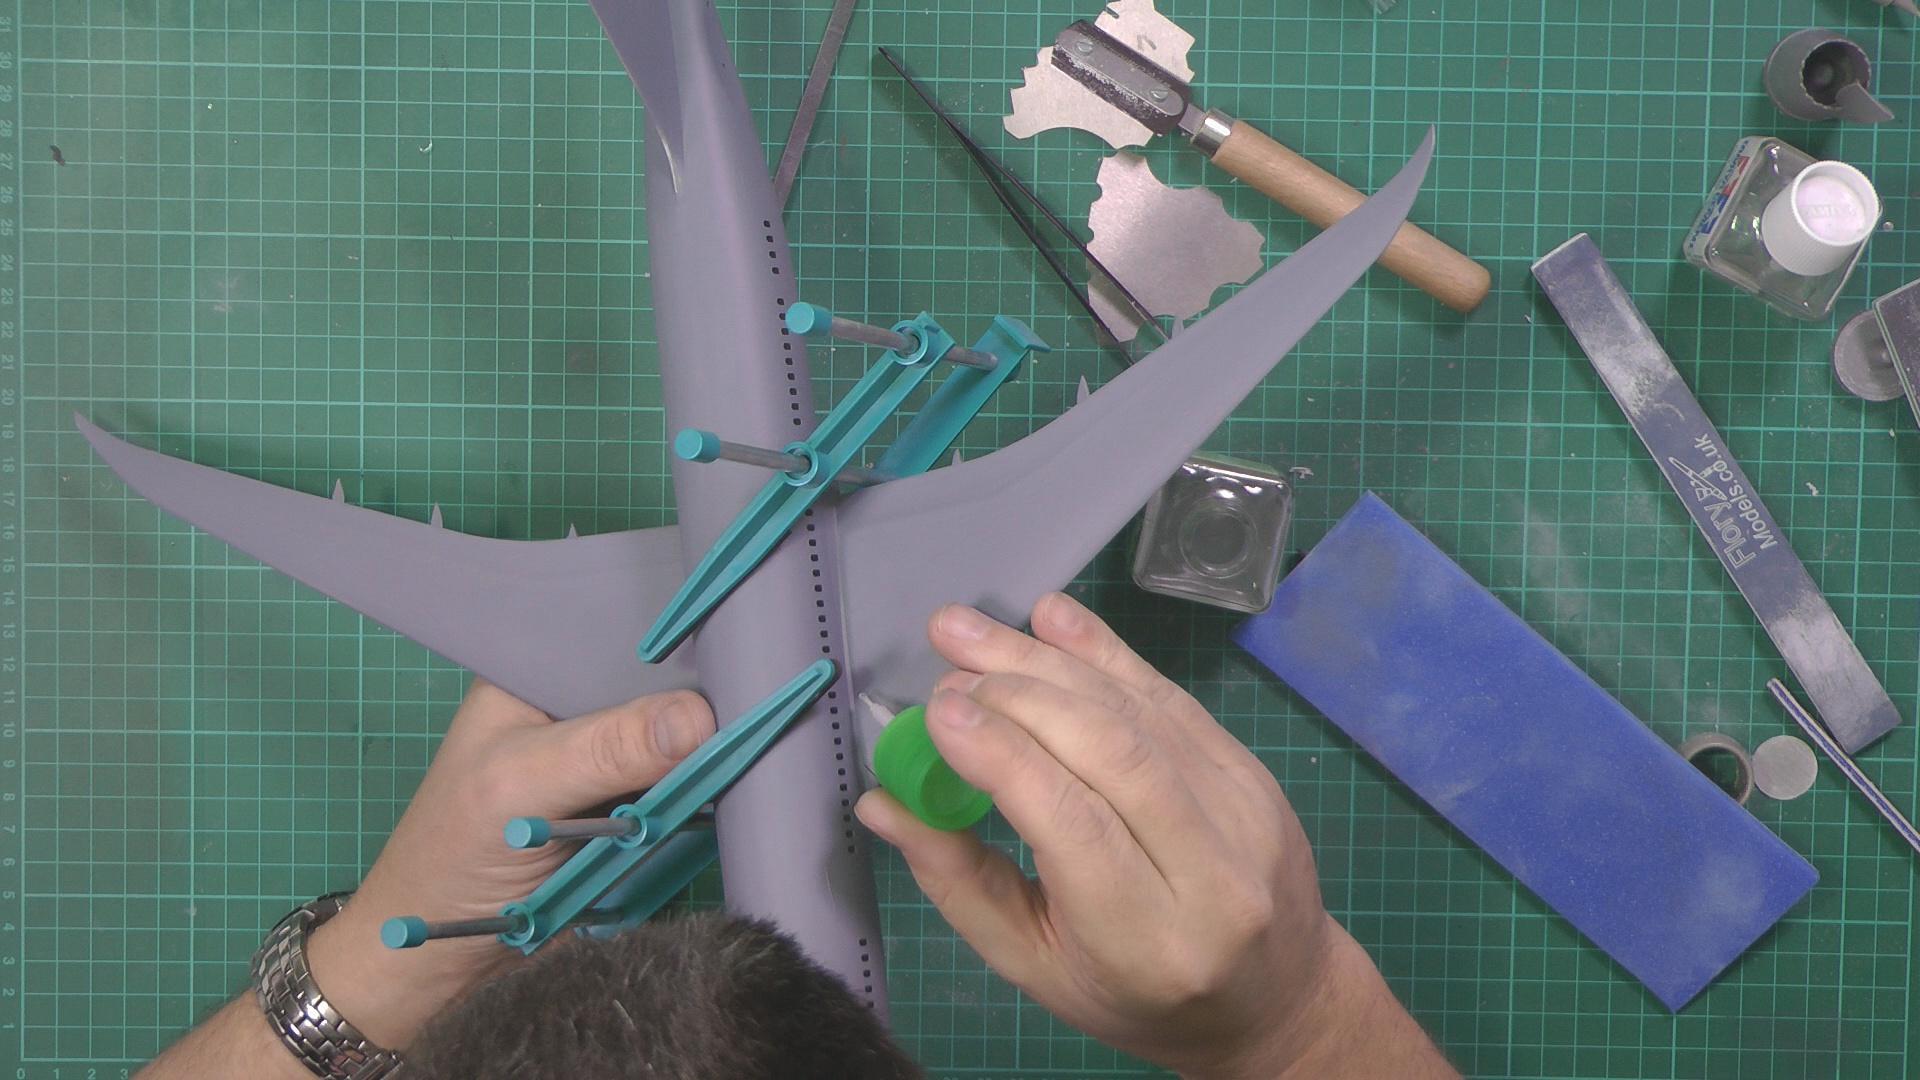 Revell 787 Dreamliner Part 2 PIC 1.jpg